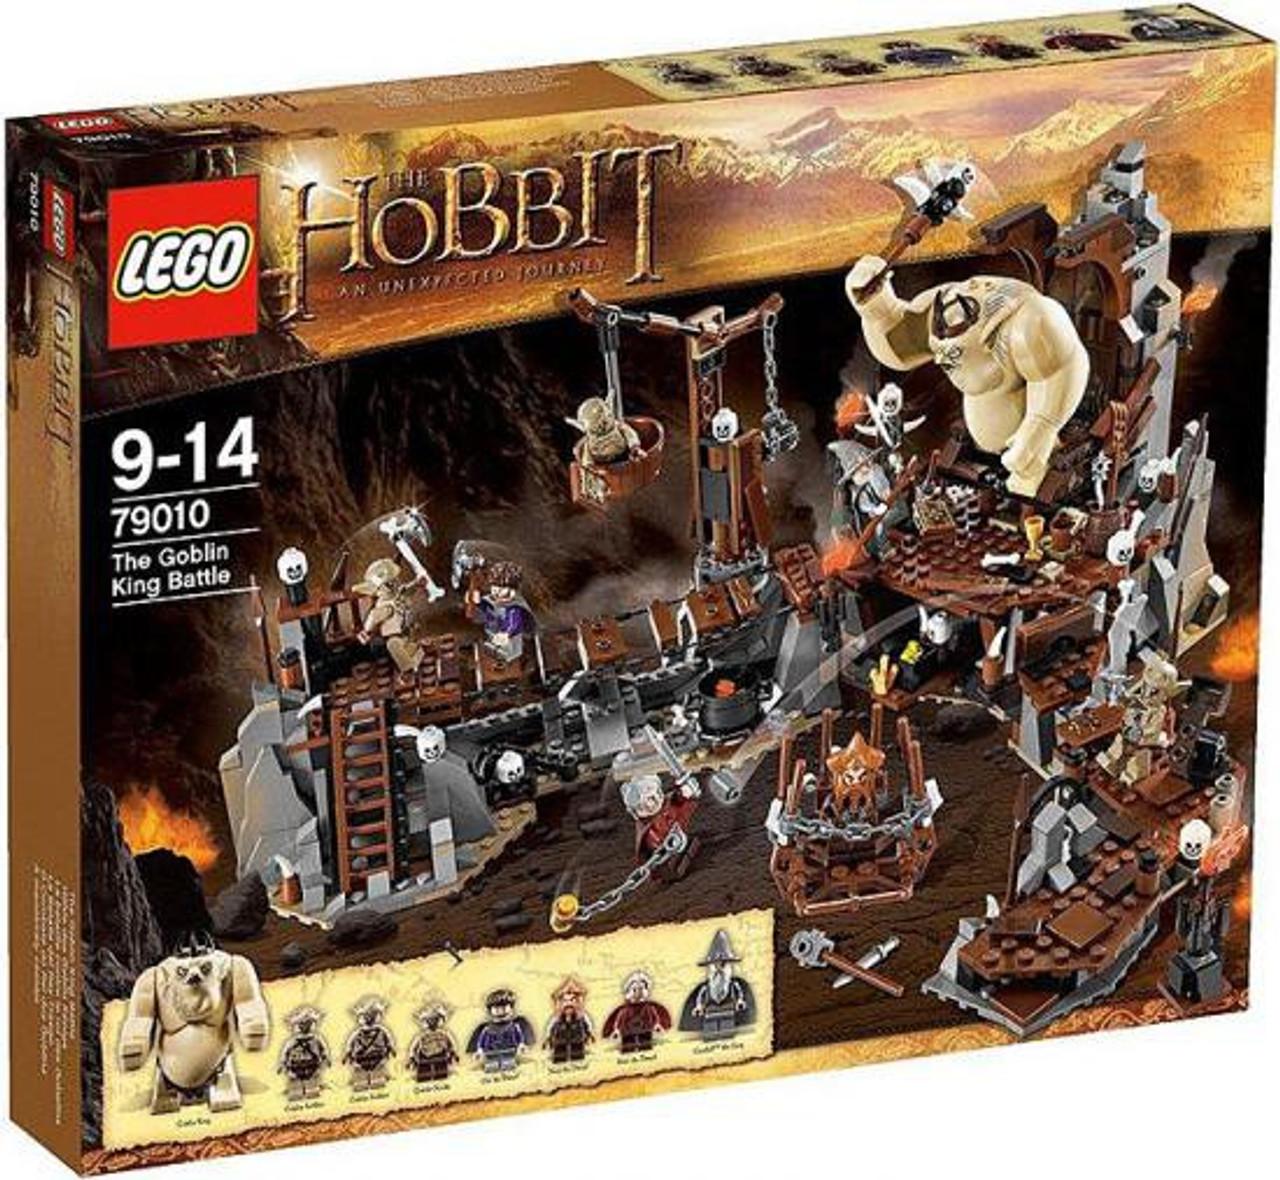 LEGO The Hobbit The Goblin King Battle Set #79010